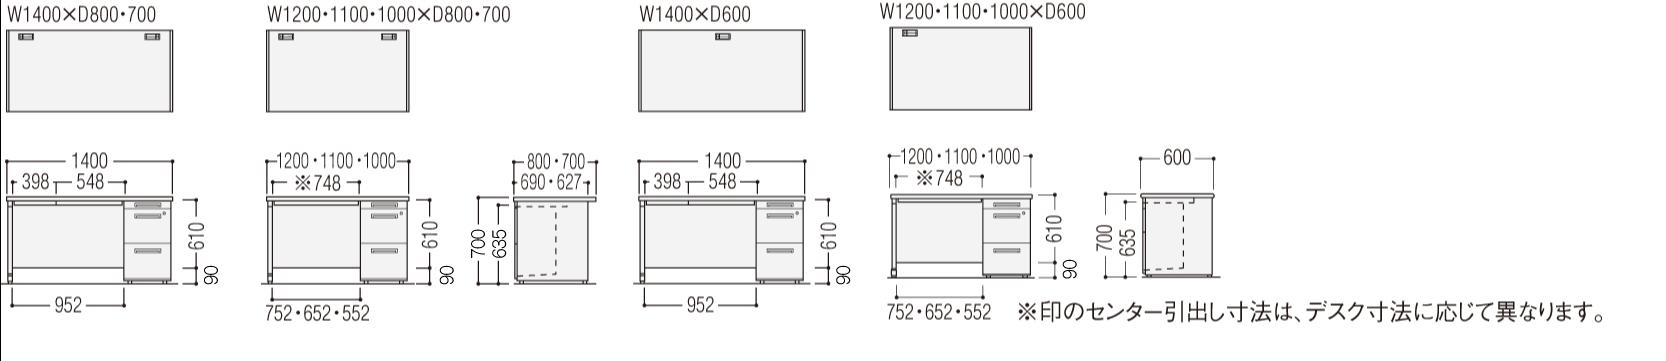 F50SBL_ARの図形